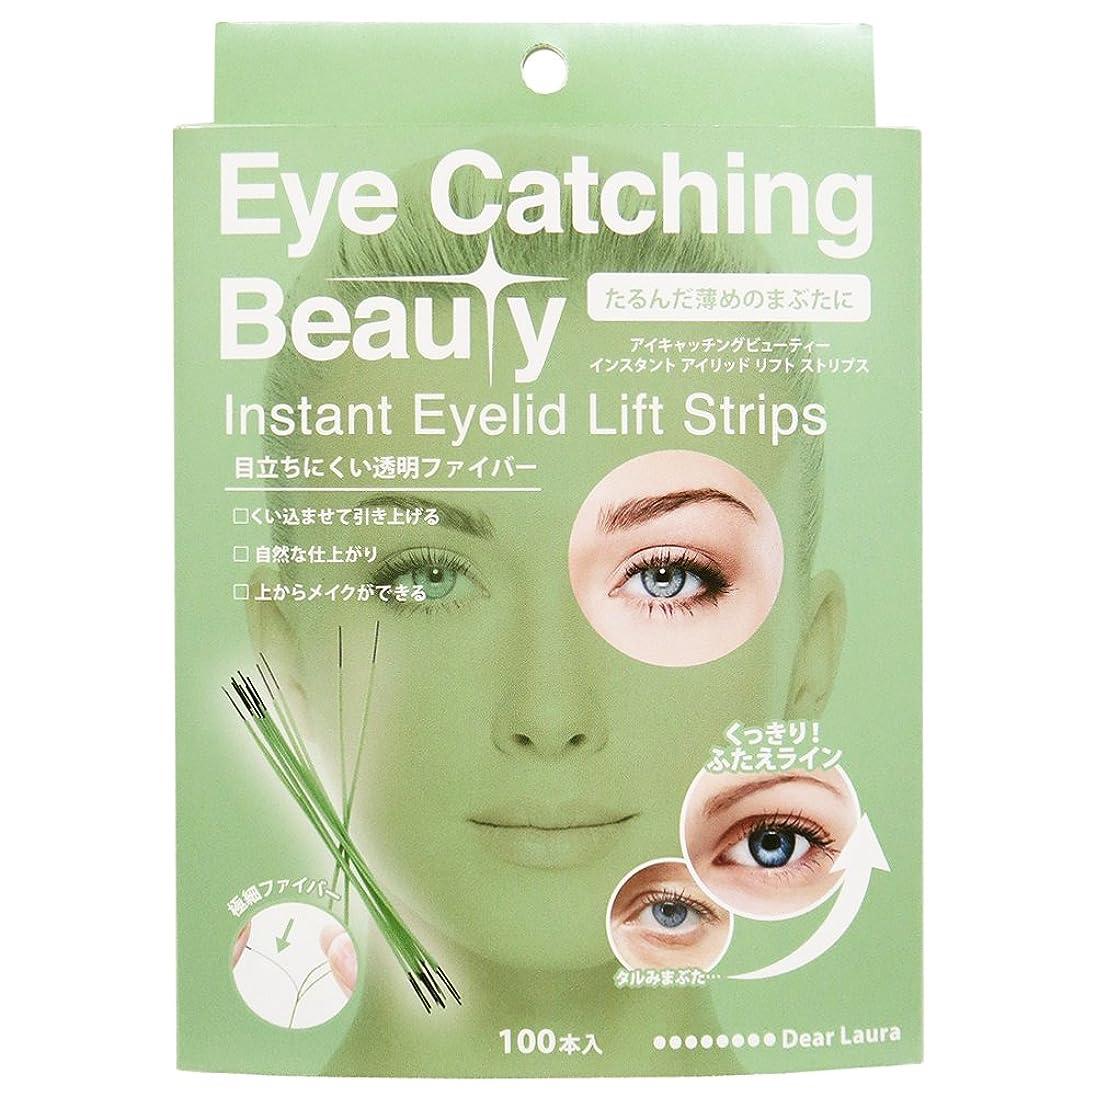 祝福する主流予想するアイキャッチングビューティー (Eye Catching Beauty) インスタント アイリッド リフト ストリップス ECB-J03 100本